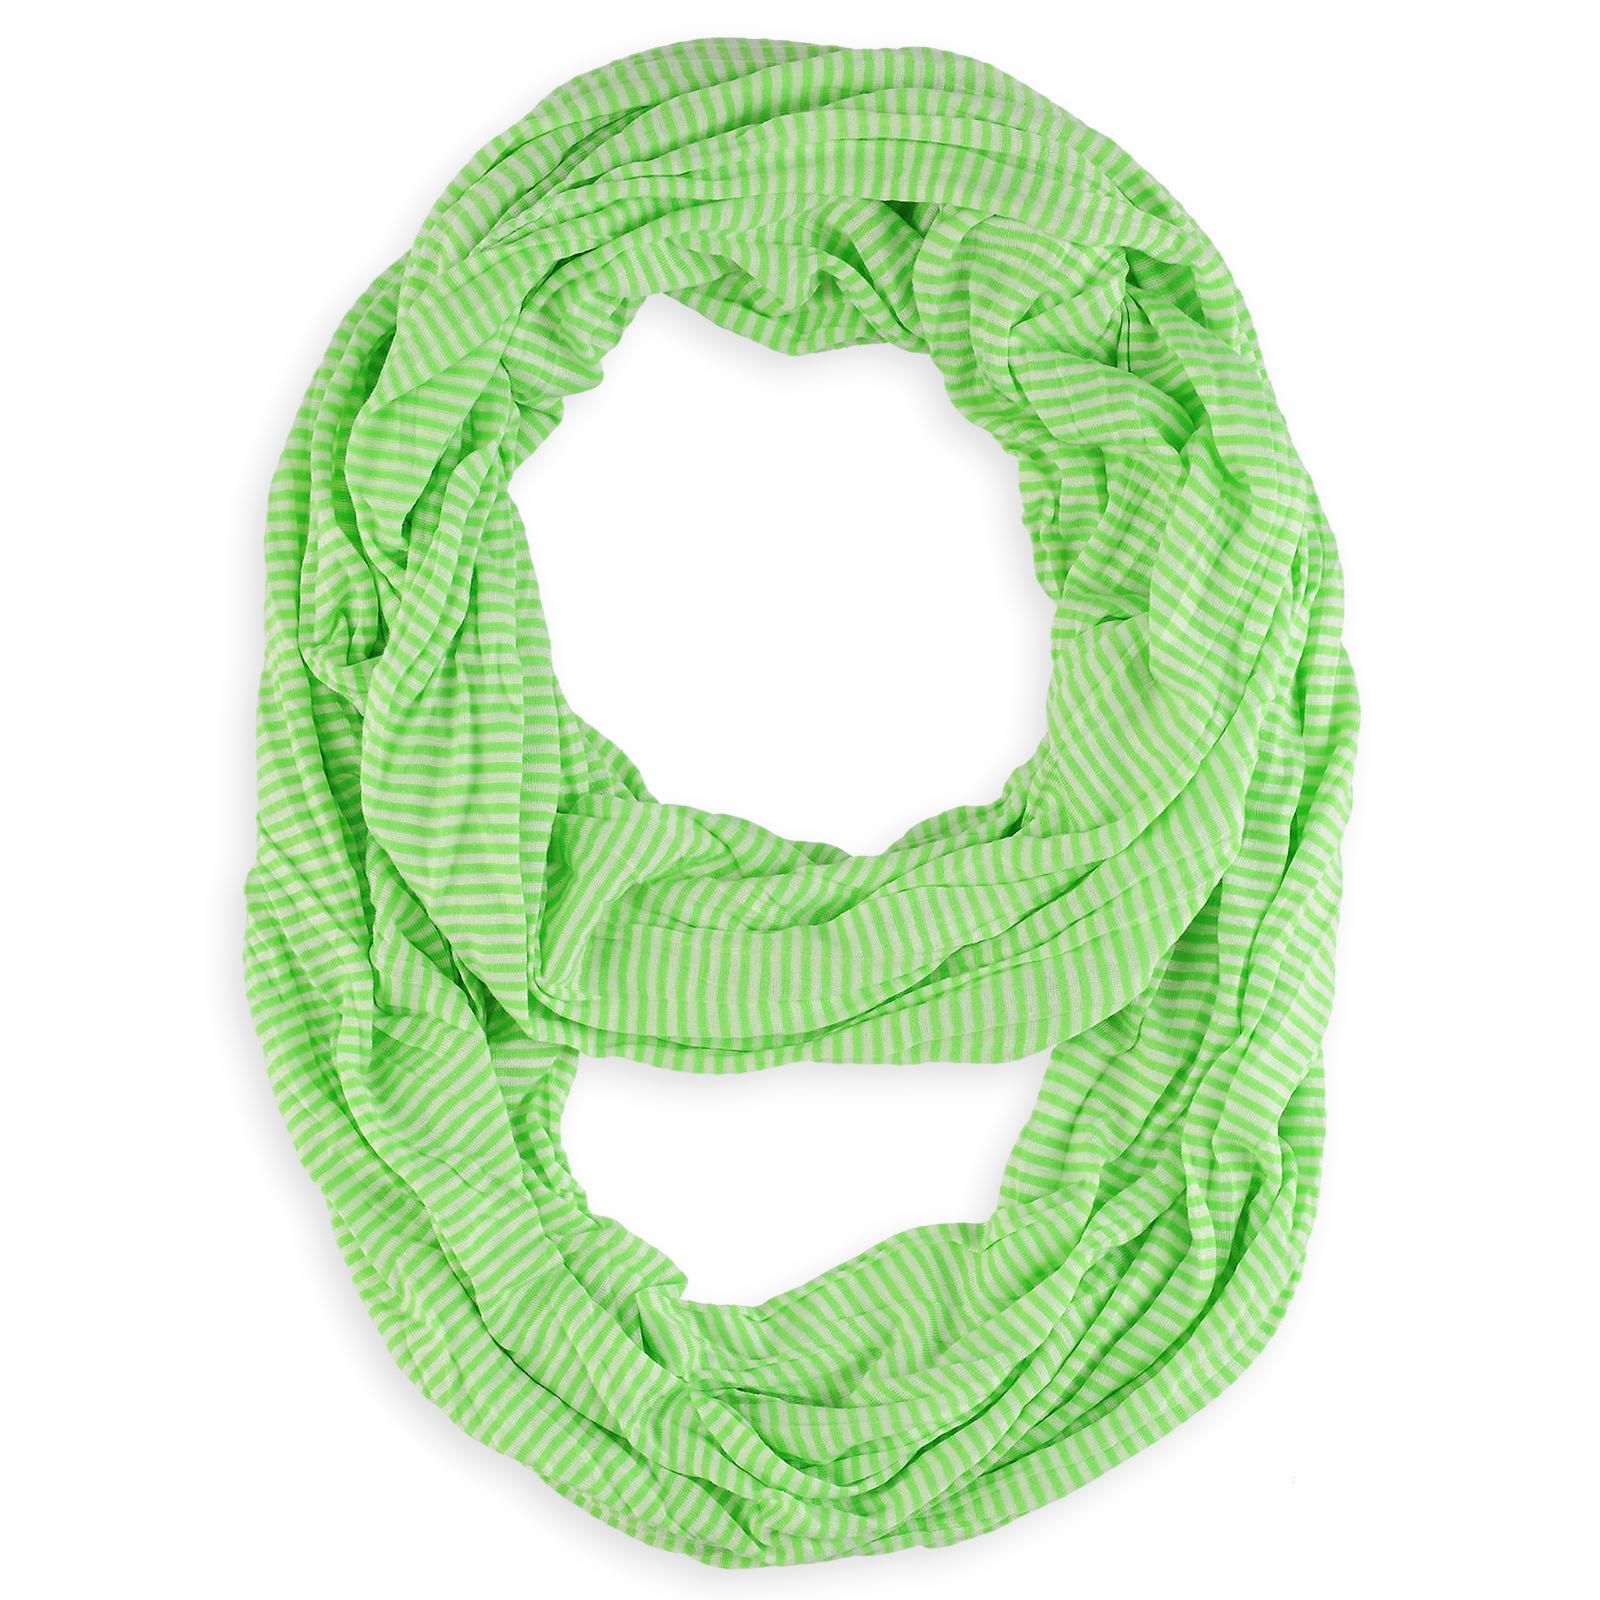 e94c02d9732a Foulard vert - Foulards femme et accessoires